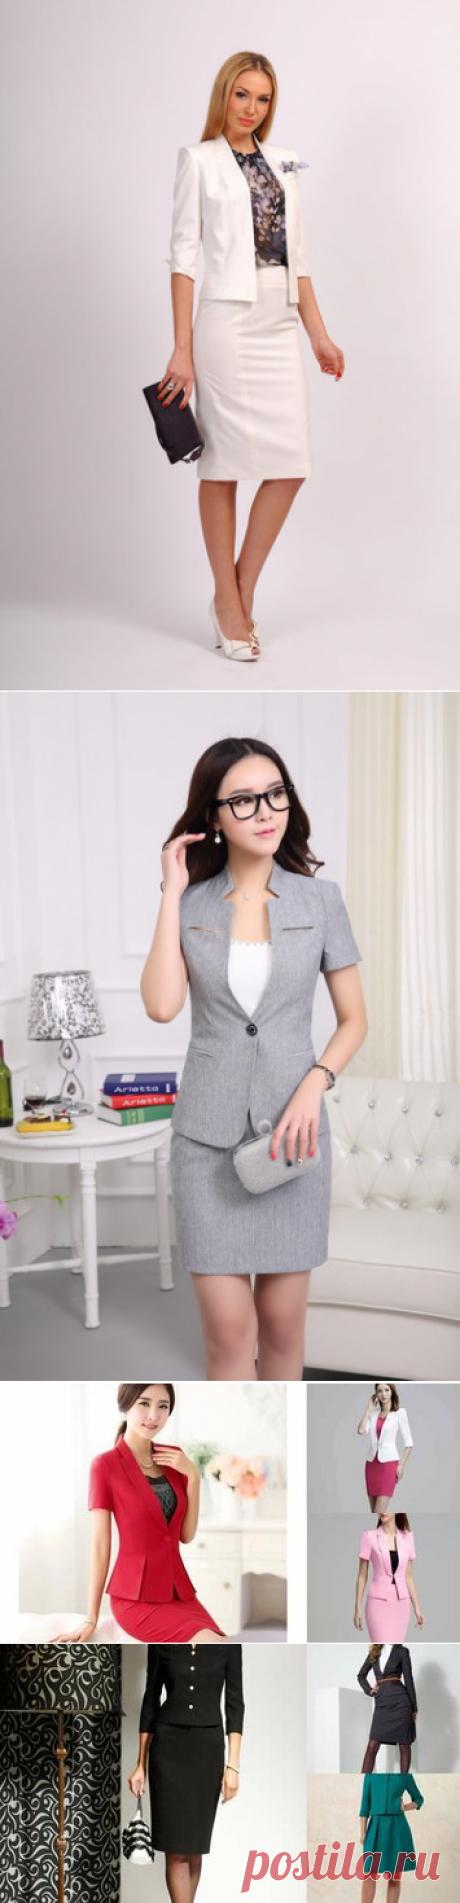 20 карточек в коллекции «Женский летний деловой костюм: образы» пользователя Каріна Н. в Яндекс.Коллекциях